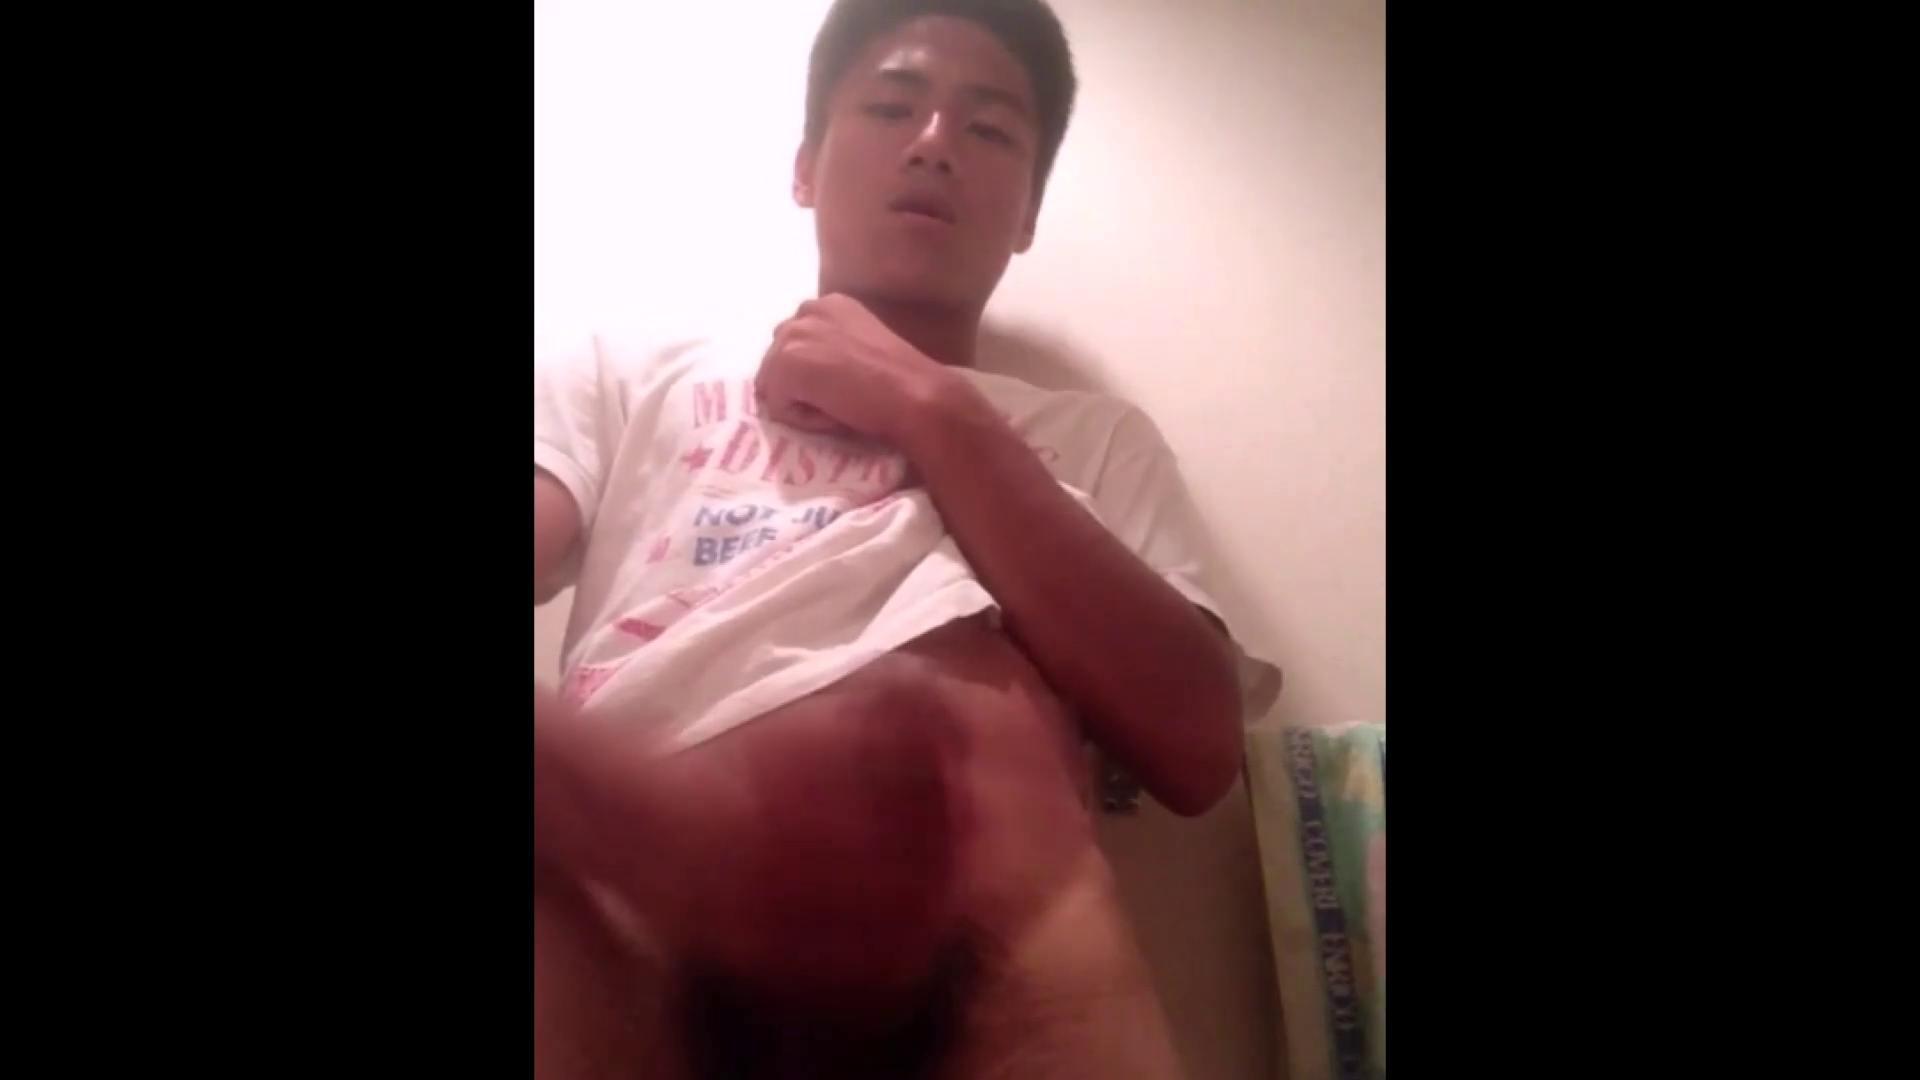 巨根 オナニー塾Vol.15 ゲイのオナニー映像 | ノンケ君達の・・  70枚 57